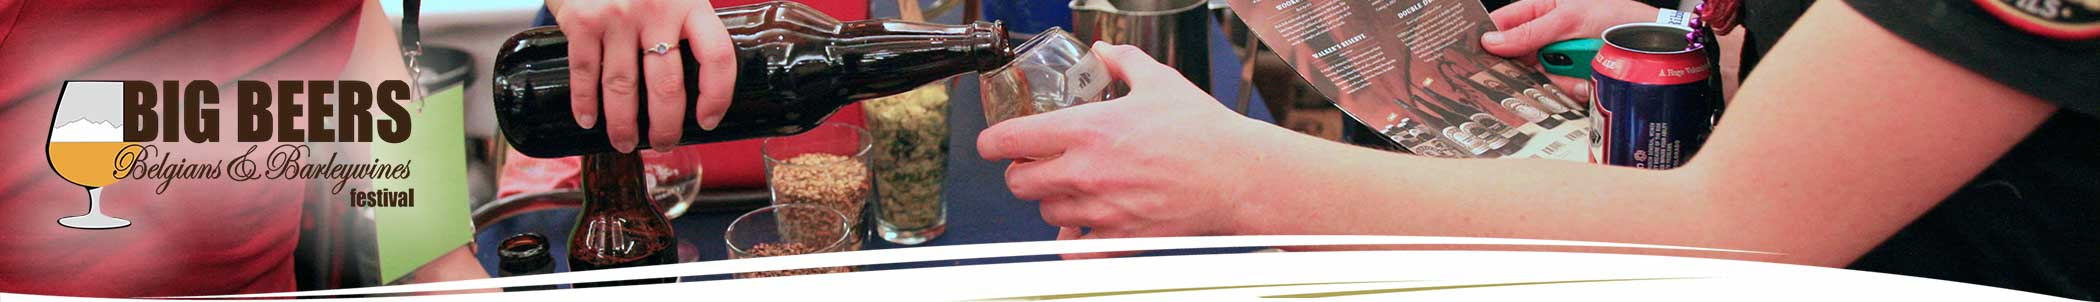 Big Beers, Belgians & Barleywines Festival Commercial Beer Tasting